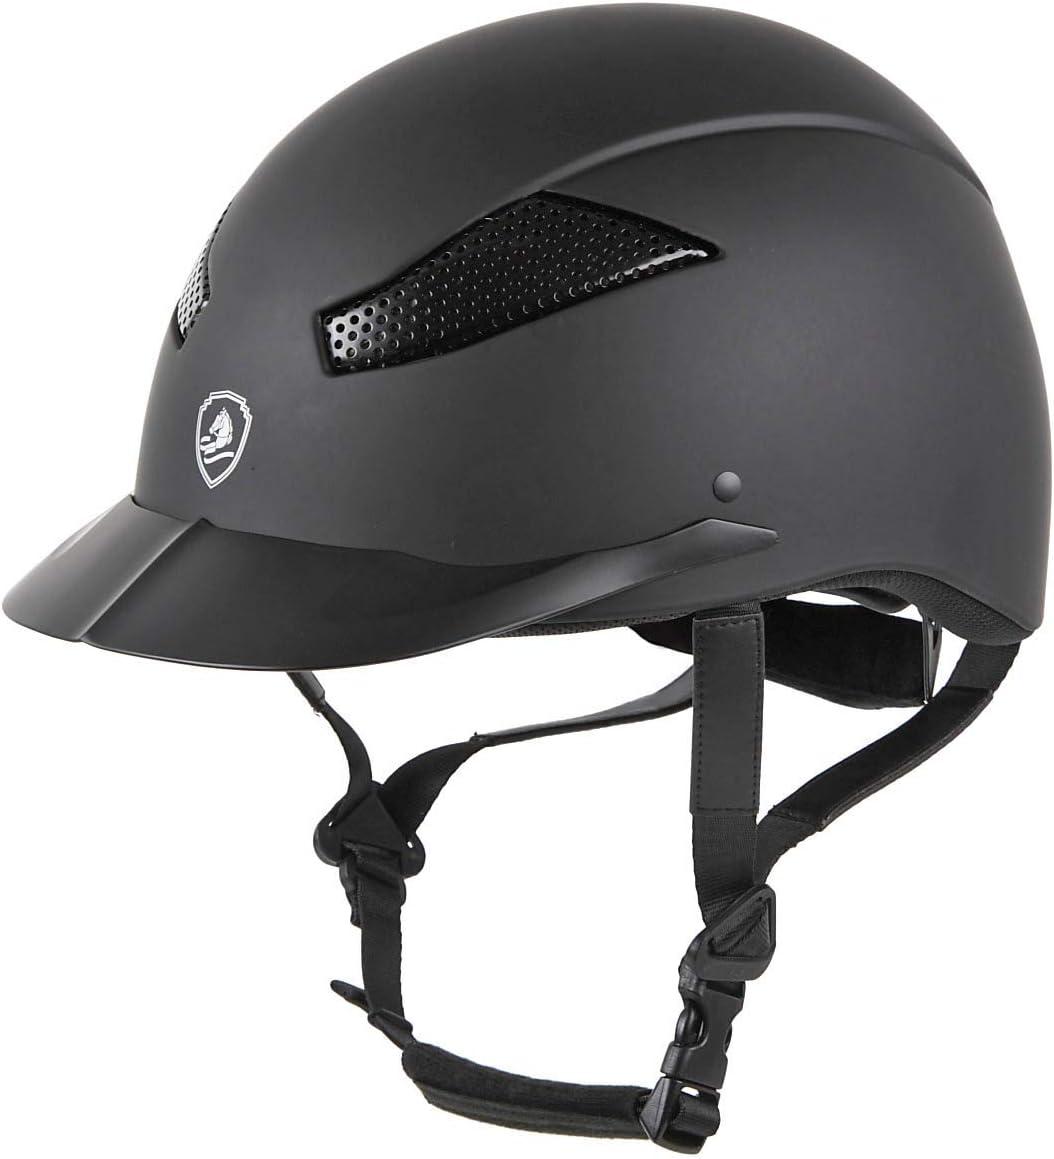 乗馬 ヘルメット プロテクター 乗馬帽 帽子 EQULIBERTA エアリー クールマックスダイヤル調整ヘルメット 乗馬用品 馬具 ブラック Small